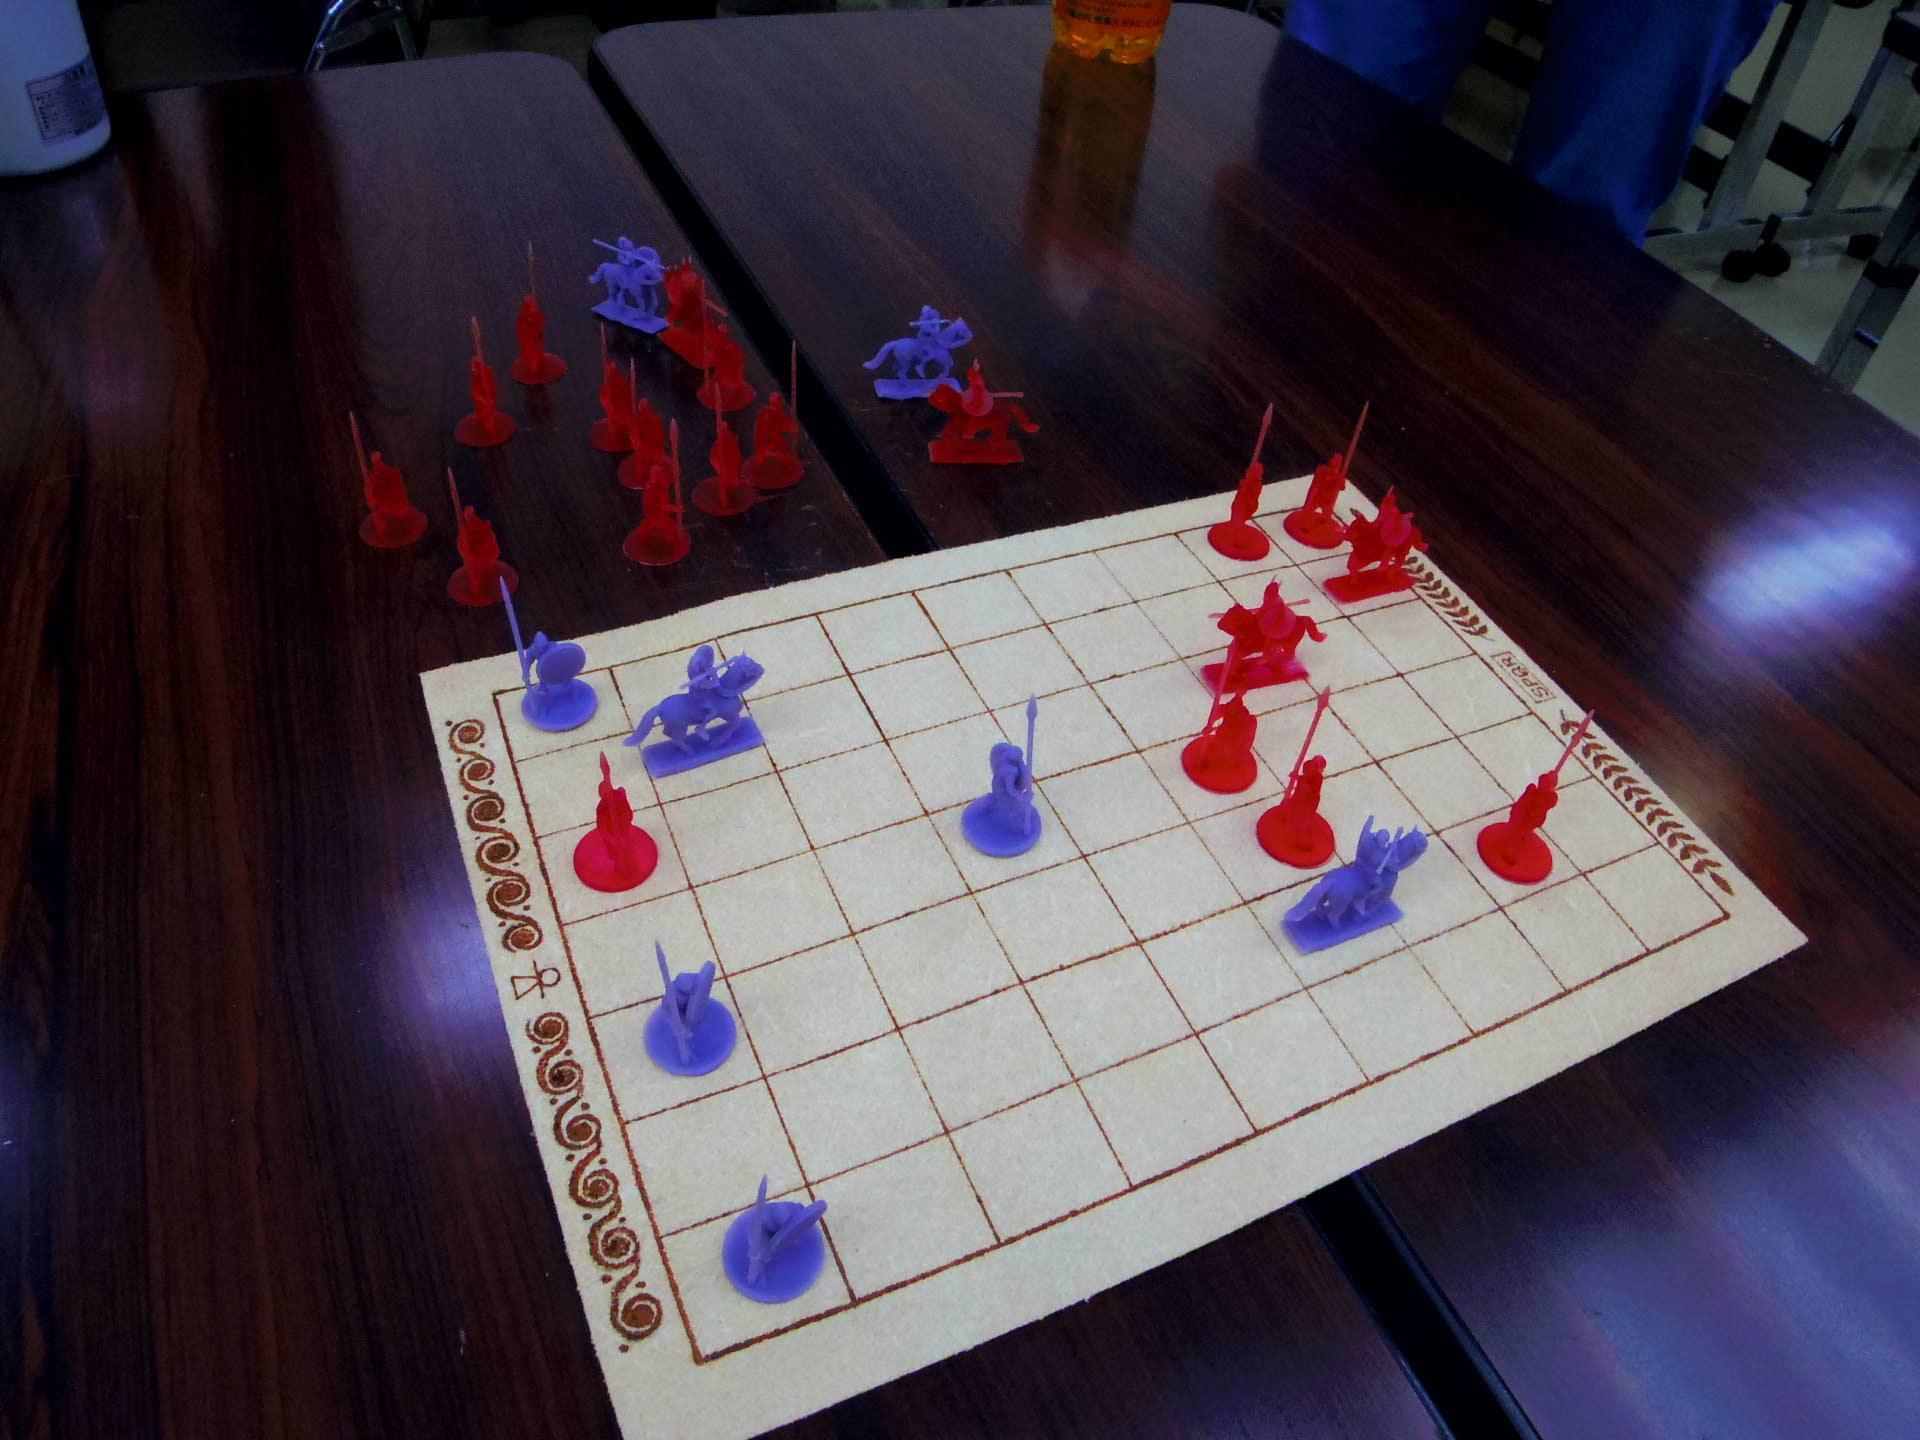 〔堀場工房〕謹製 『古代兵棋』の初お目見えは11月14日のゲームマーケットにて(転売対策で逐次受注通販予定とのこと)_b0173672_21354875.jpg